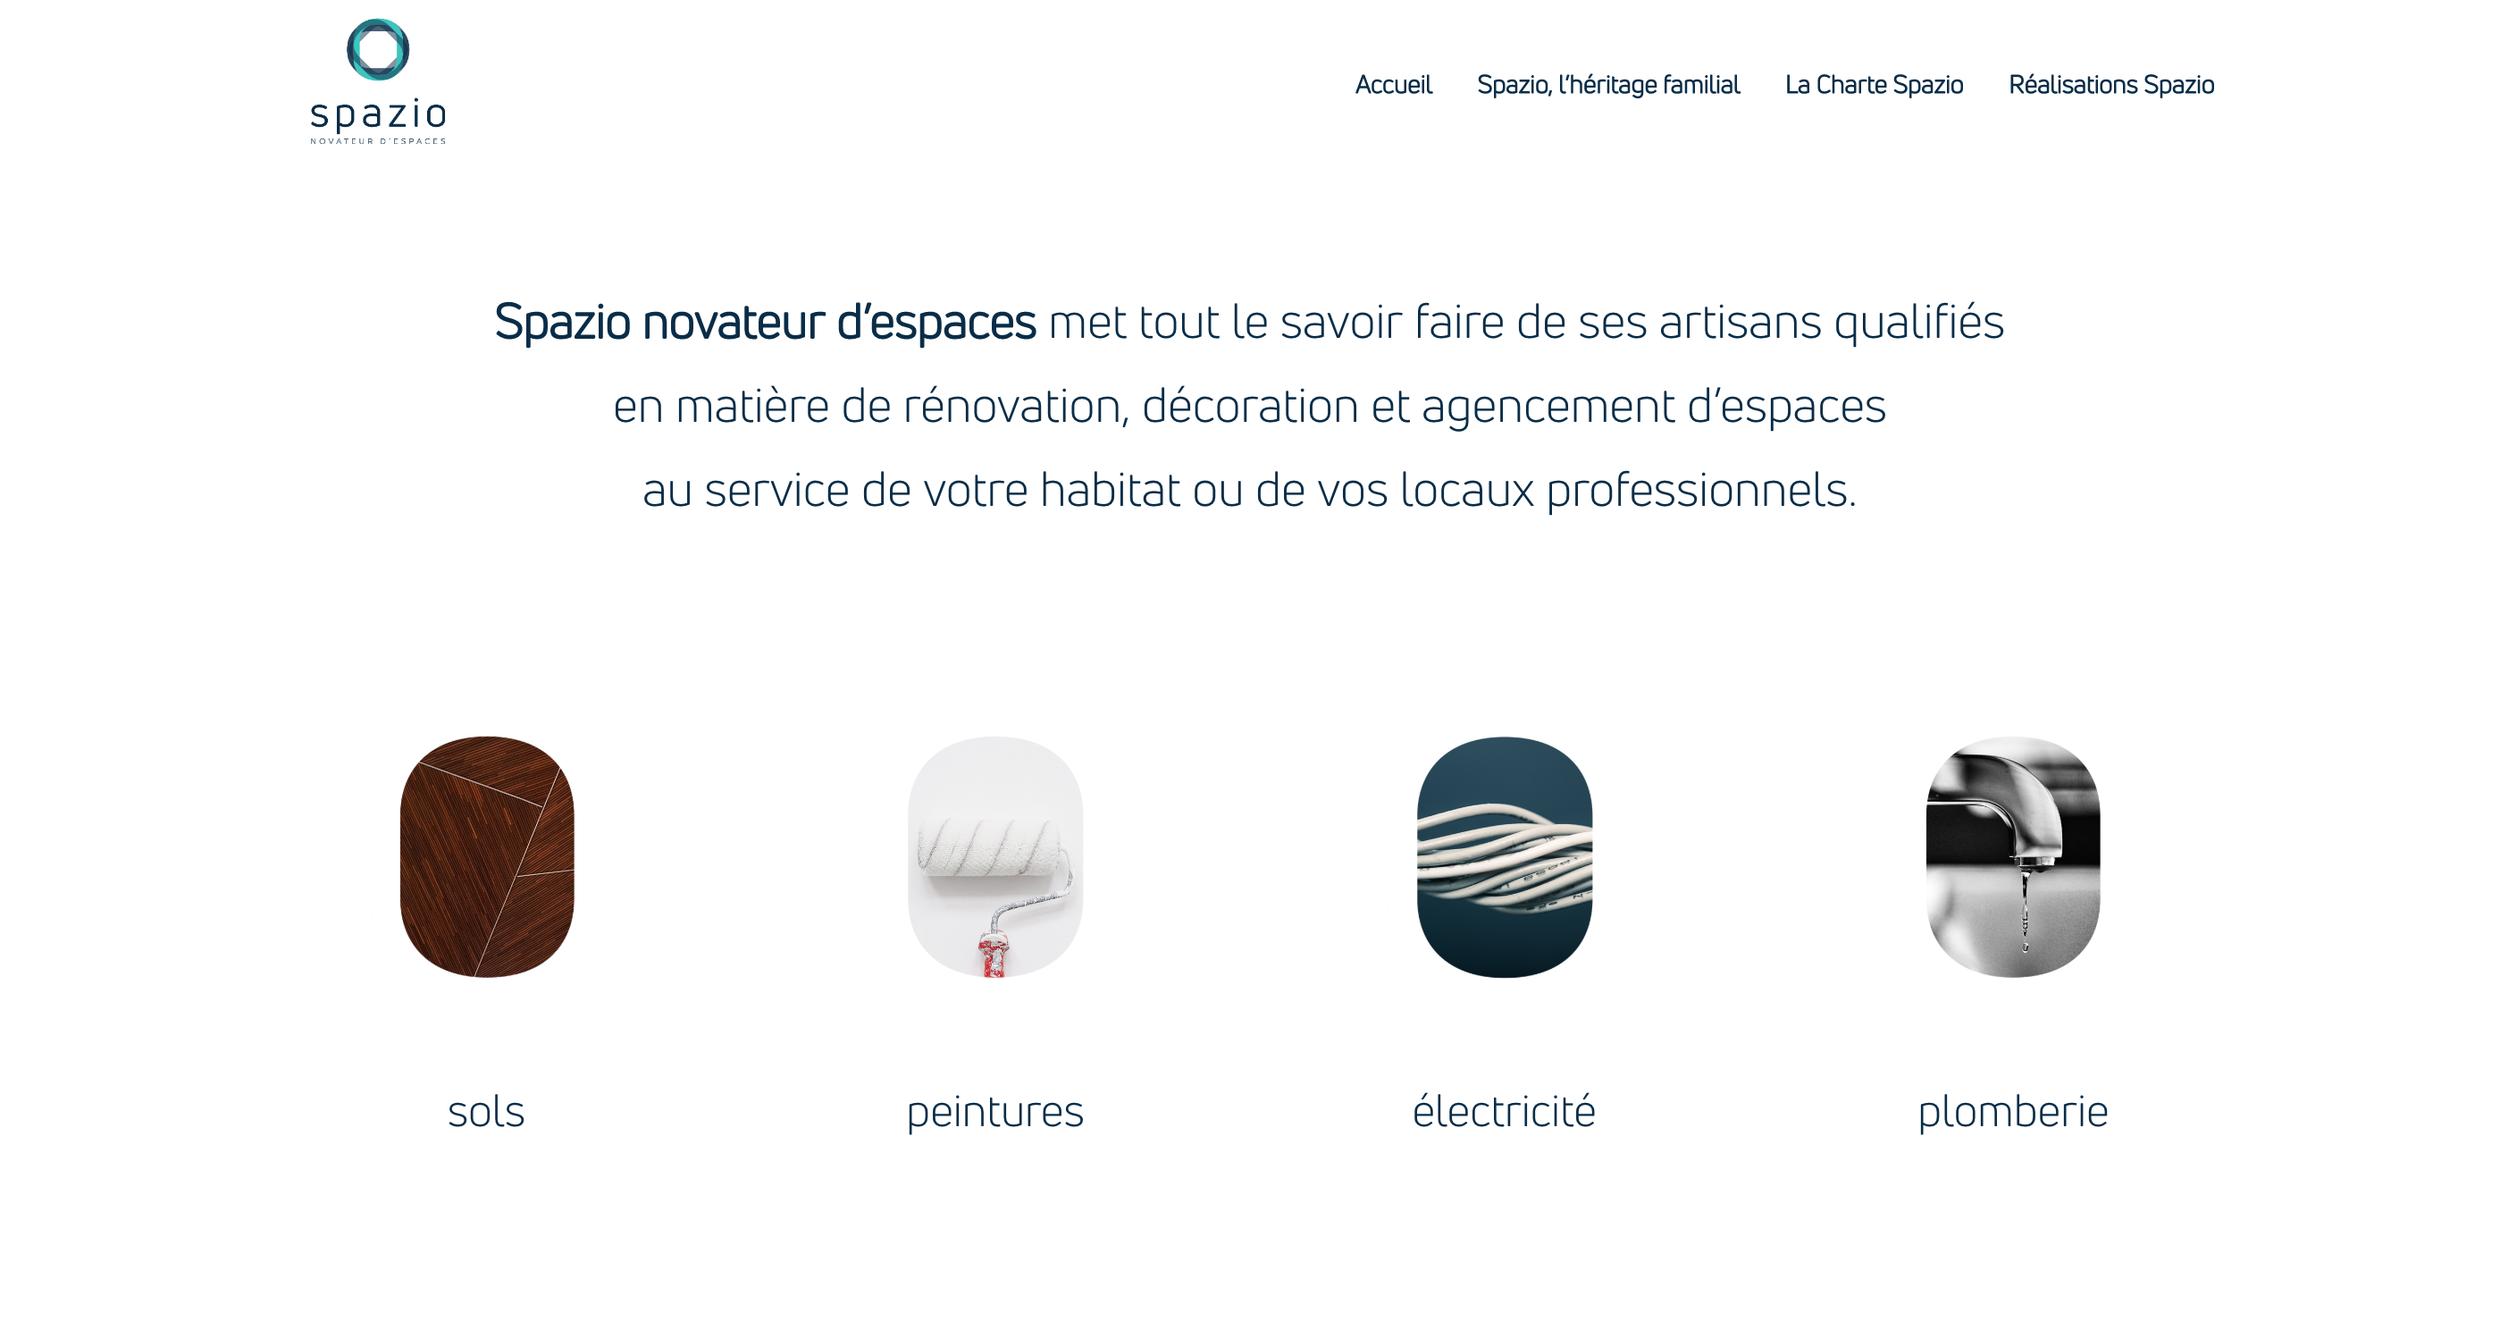 quentin_paquignon-branding-visual_identity-spazio_7.png